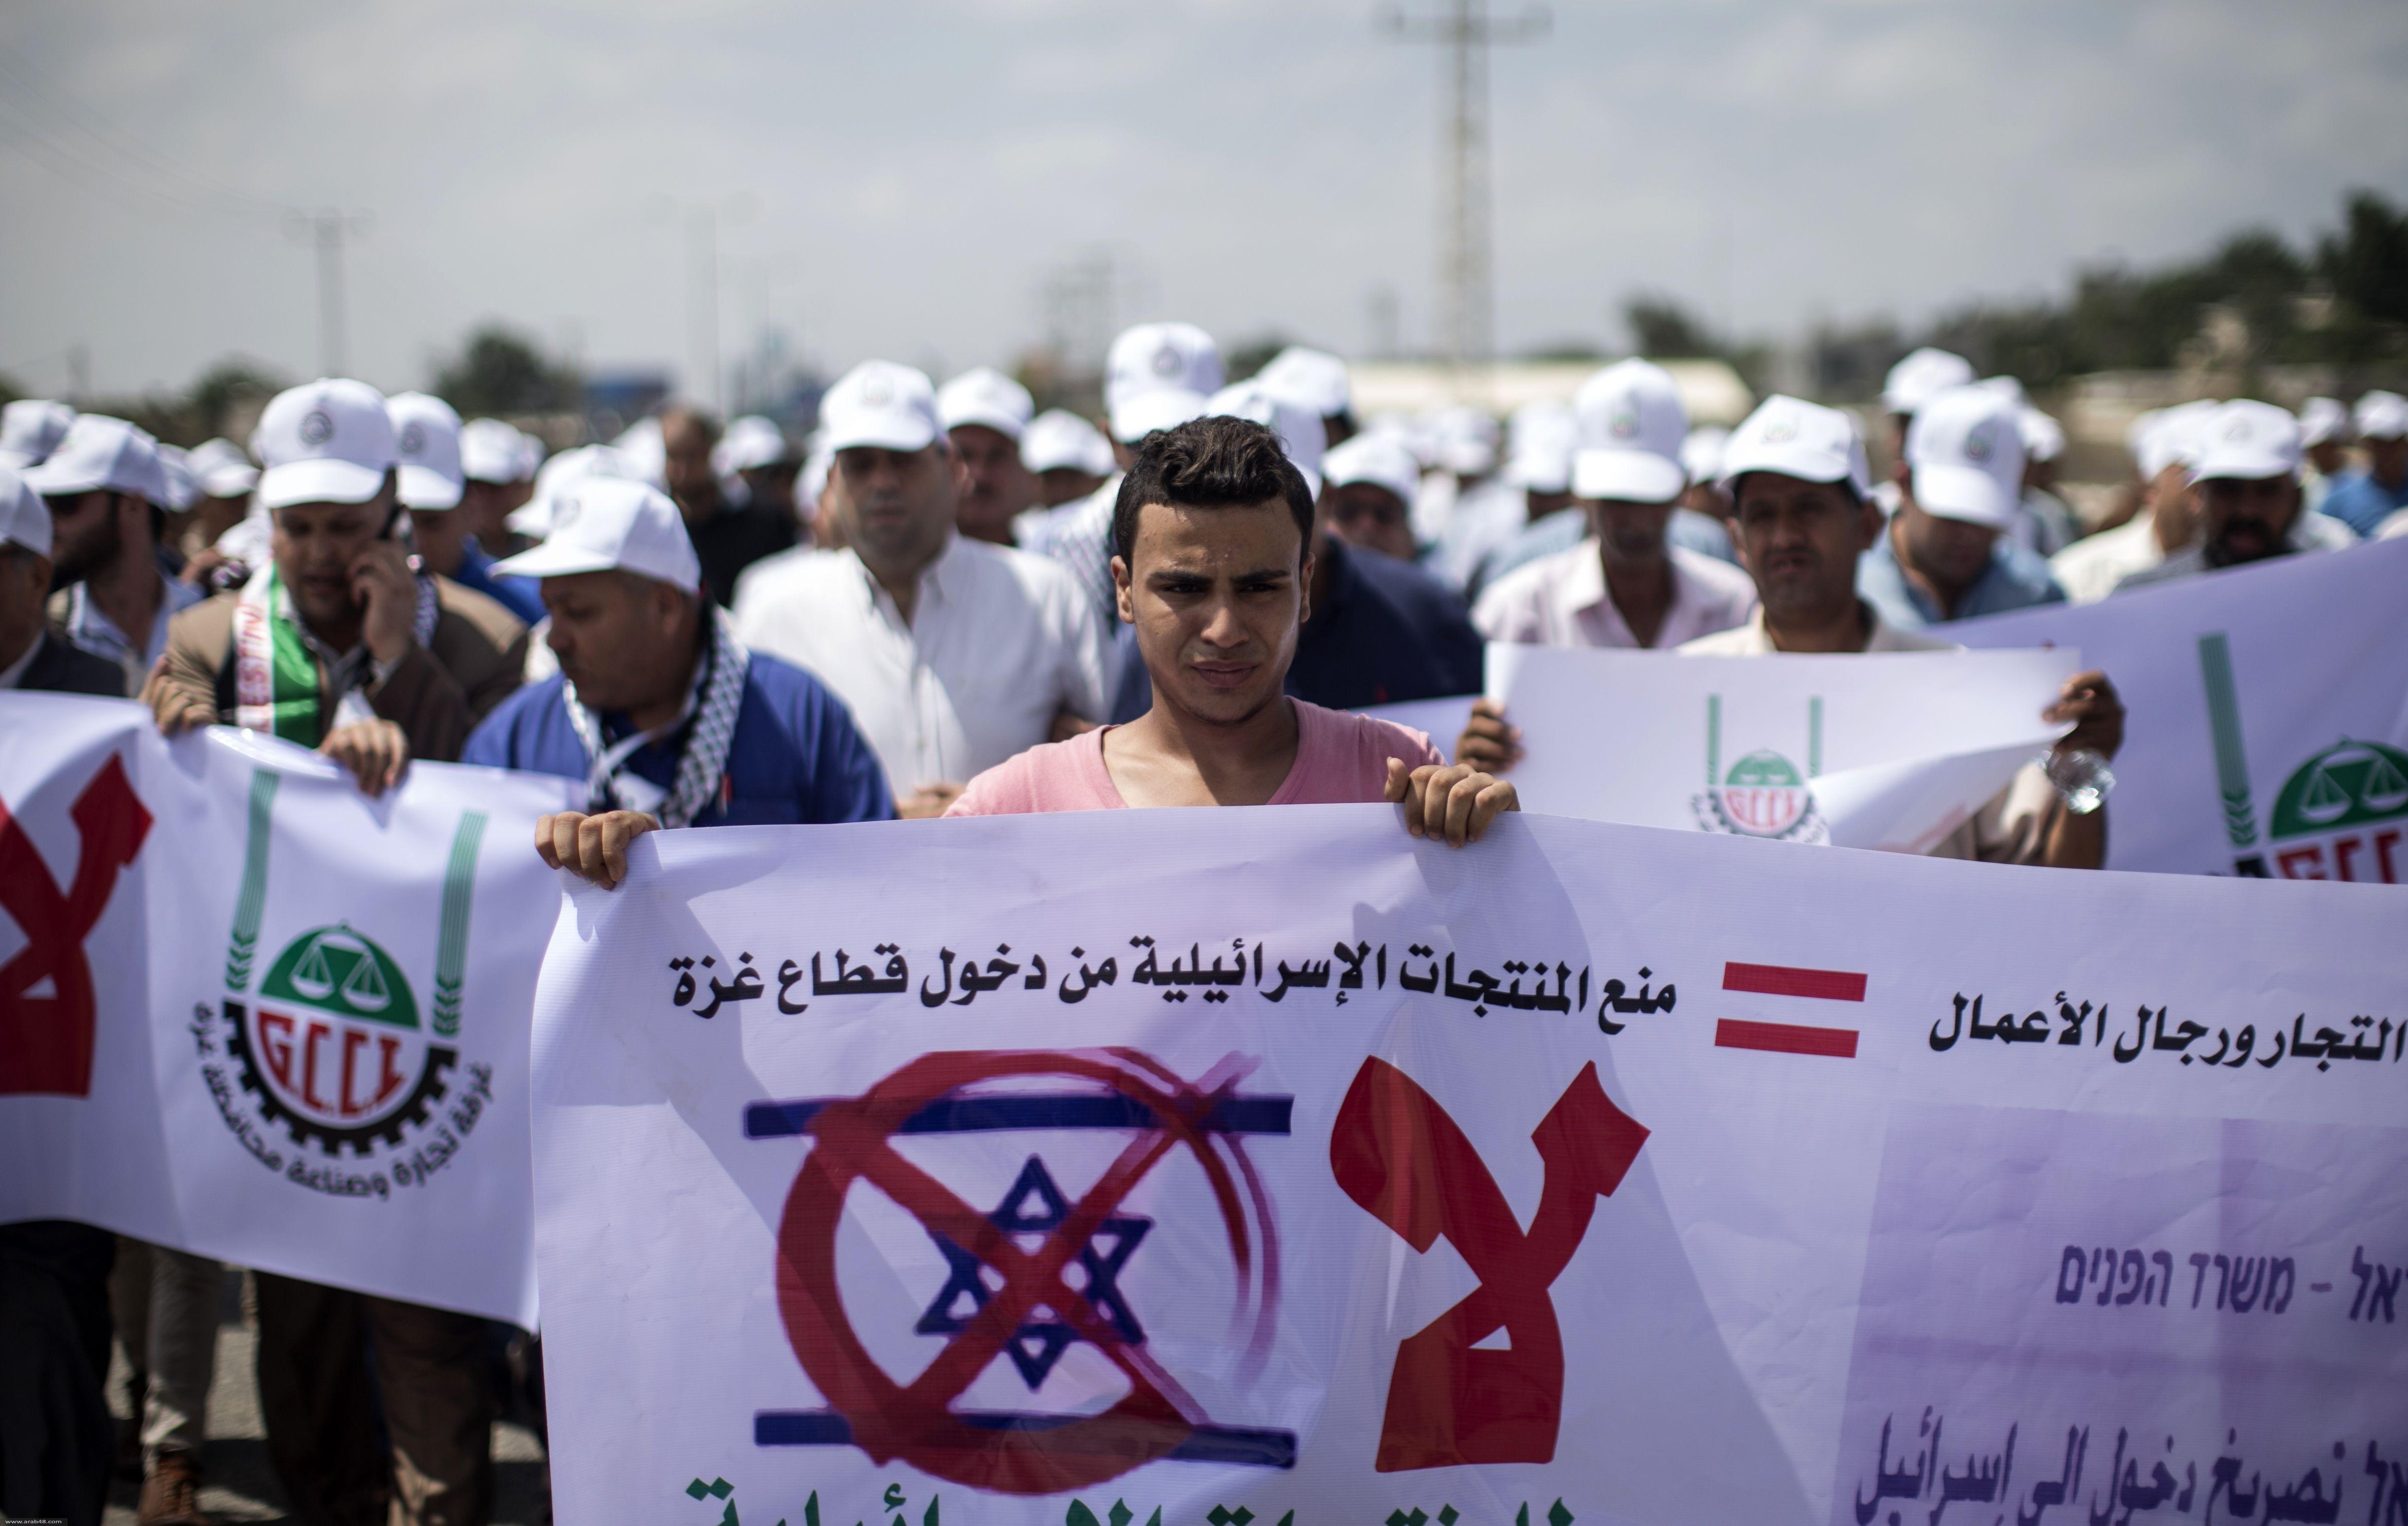 غزة: رجال أعمال يتظاهرون ضد سحب إسرائيل تصاريح سفر